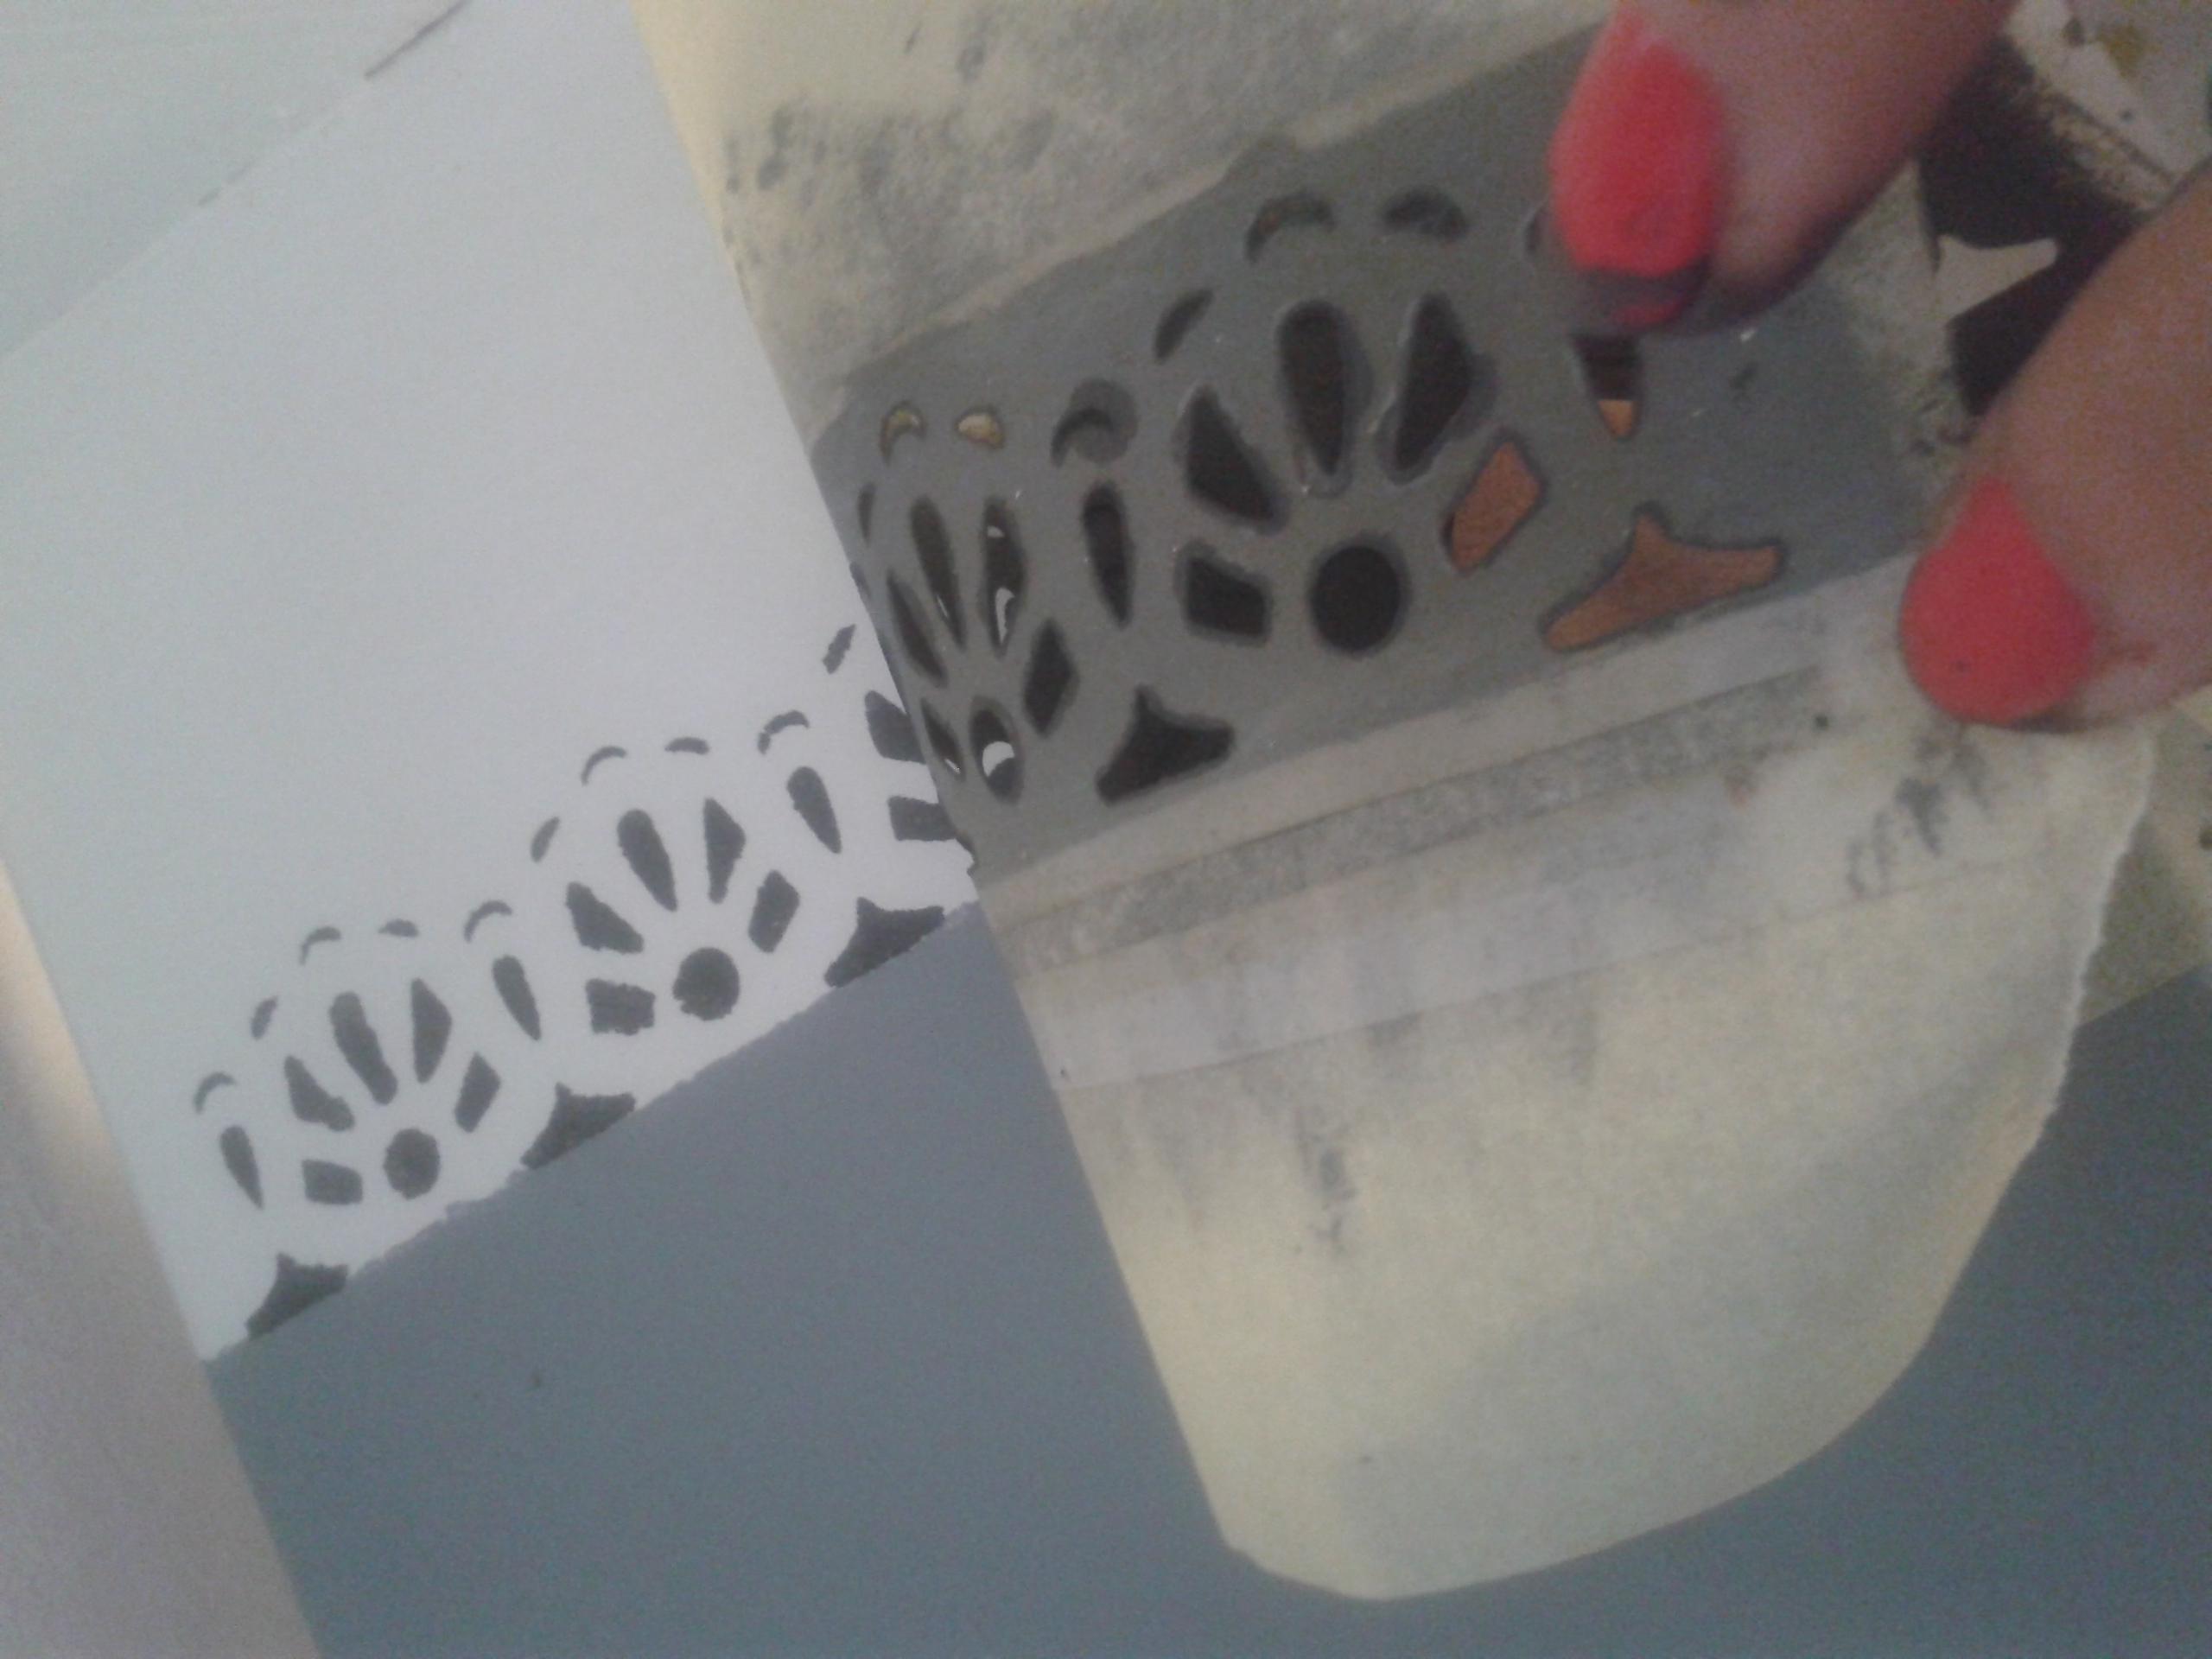 bútorfestés polifarbe trinát trilak obi lépcső lépcsőfestés DIY csináld magad falfestés